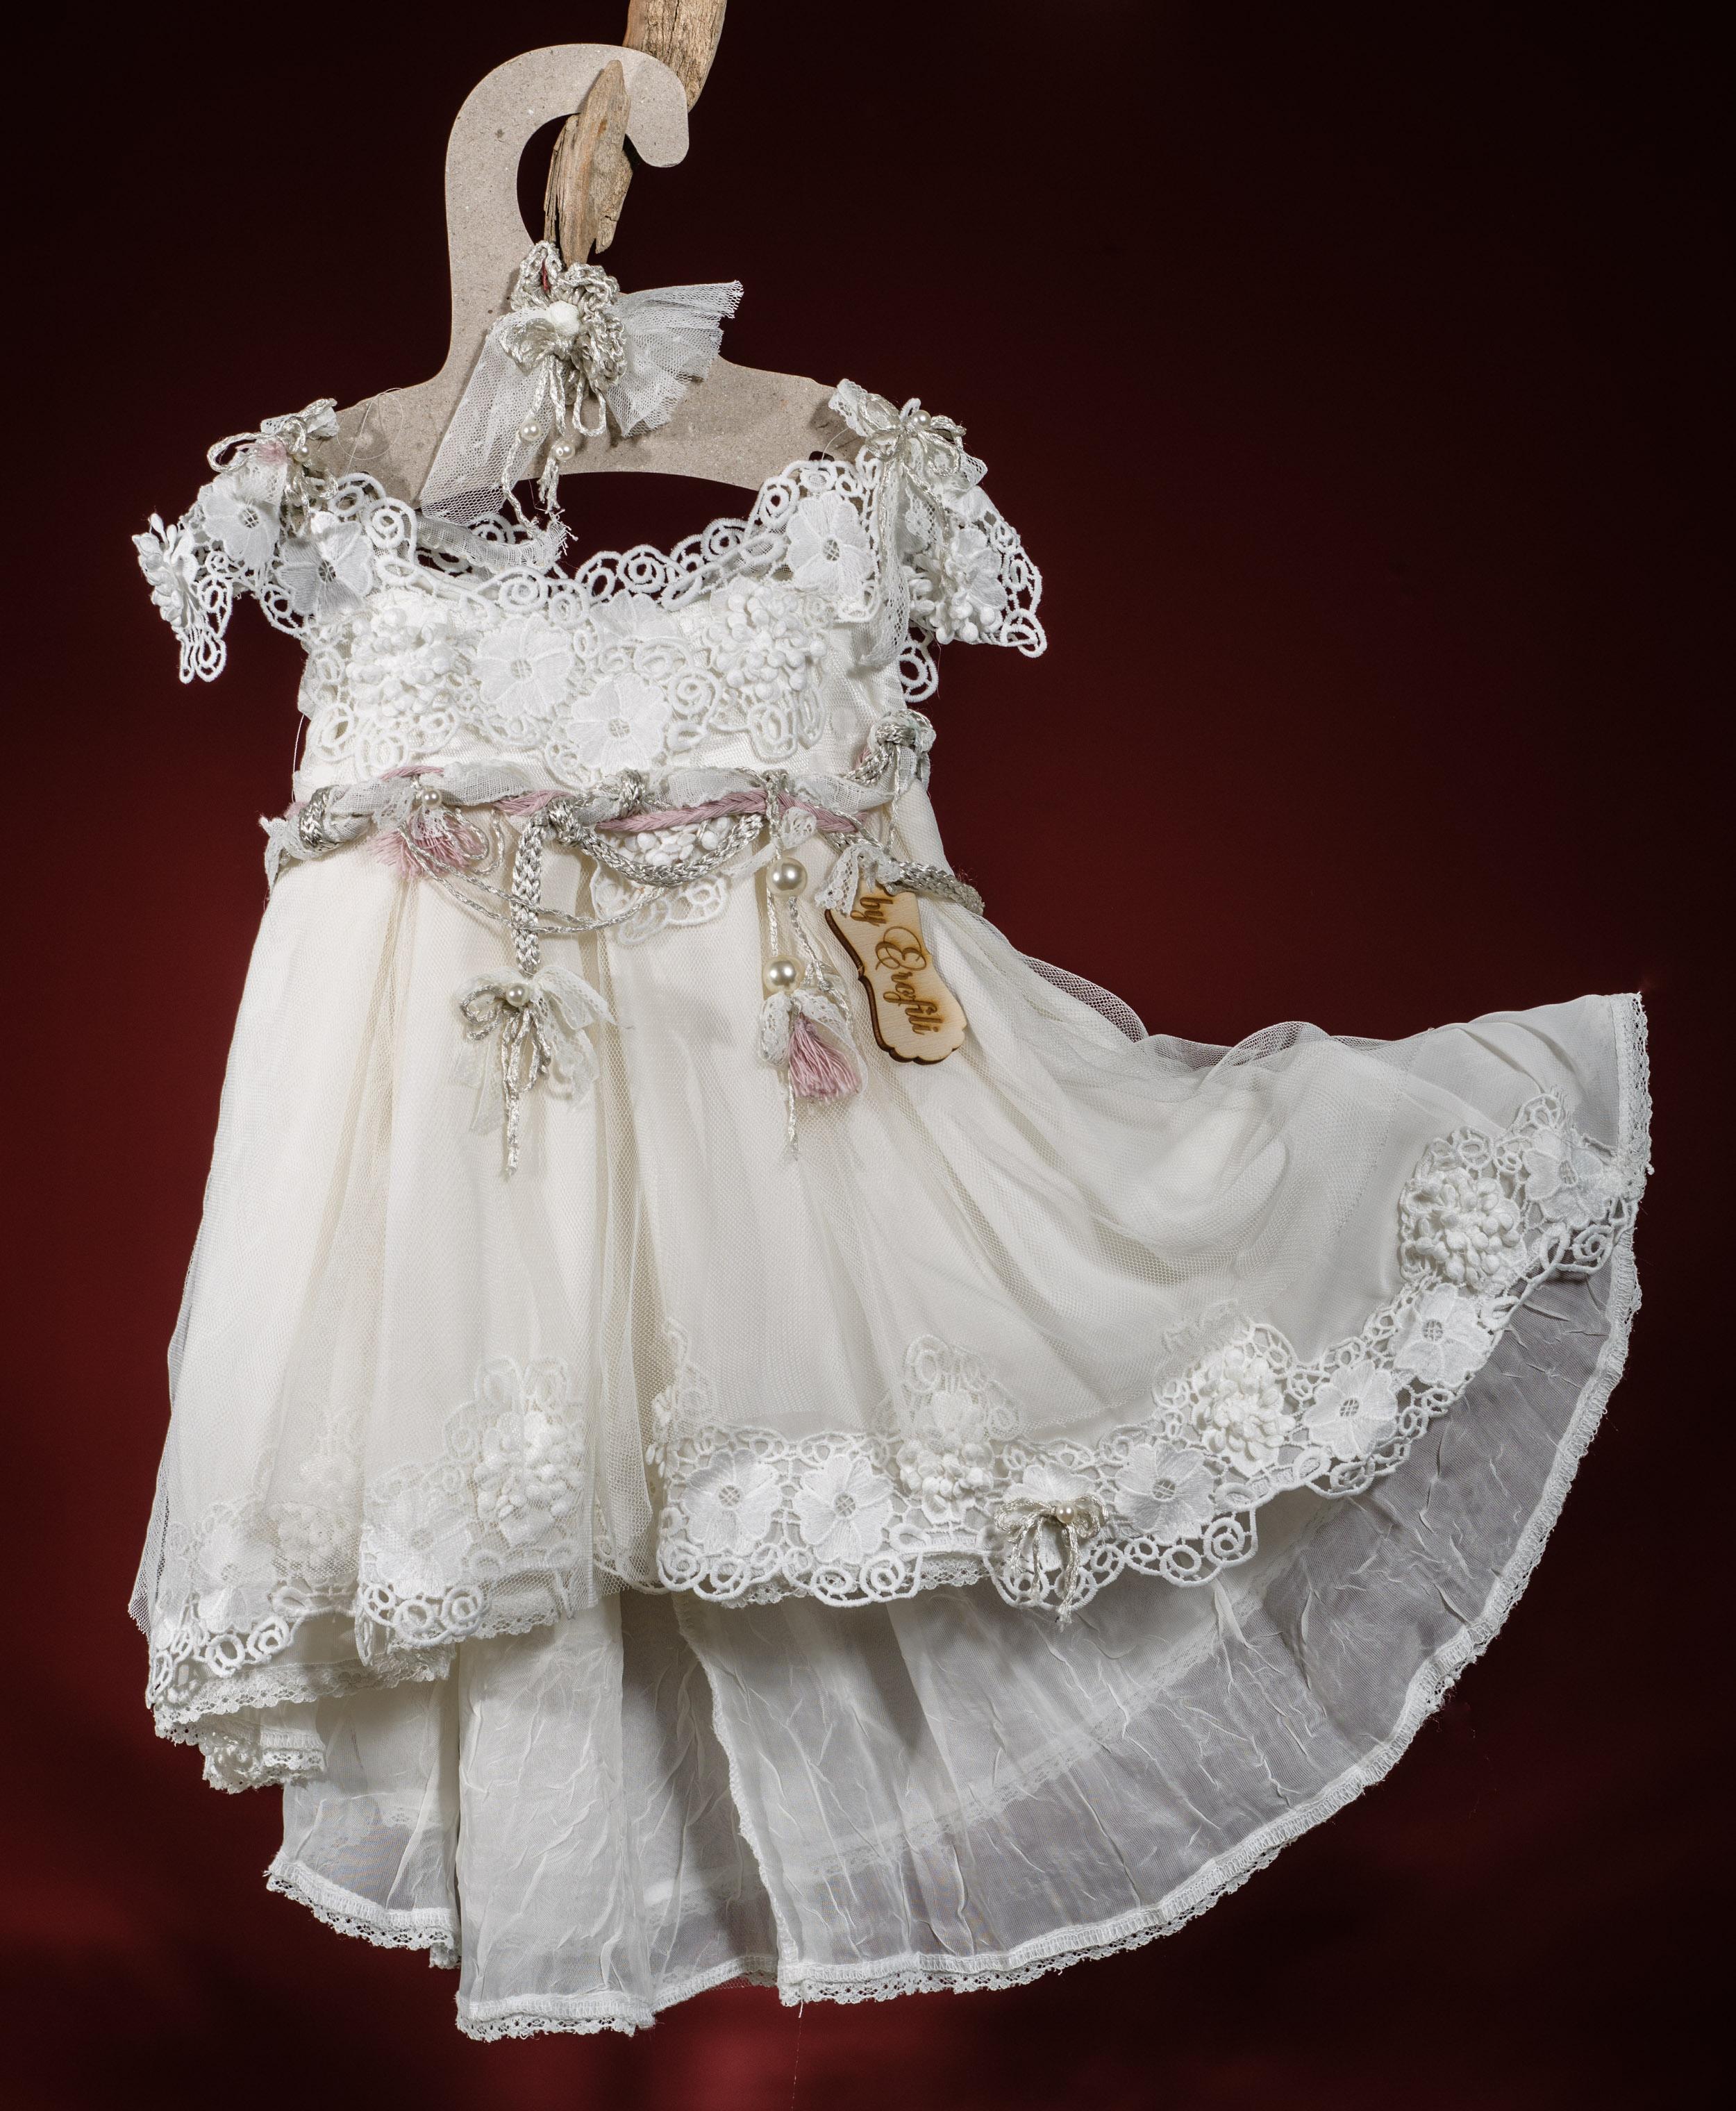 Ένα πολυτελές σύνολο για κορίτσι με ασημί και ροζ νότες που περιλαμβάνει: Φόρεμα (φόδρα από 100% βαμβάκι) με δαντελένιο μπούστο, τούλινη φούστα και ζώνη με λουλούδια Στεφάνι ασορτί χειροποίητο για τα μαλλιά